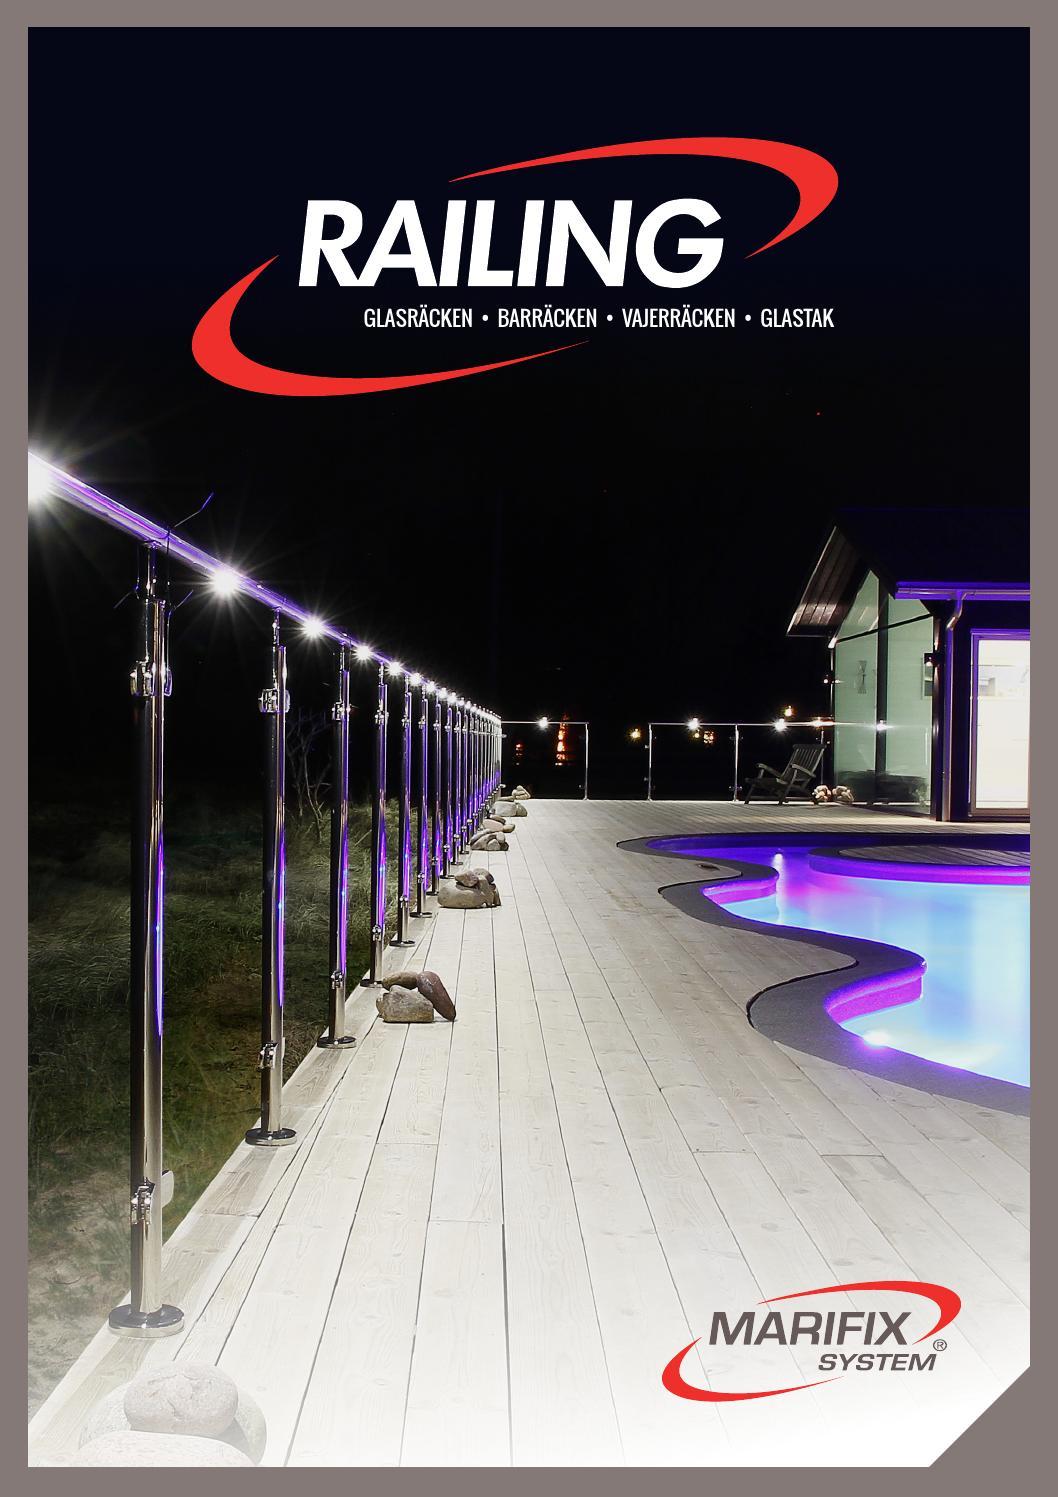 Marifix railing by marifix ab   issuu